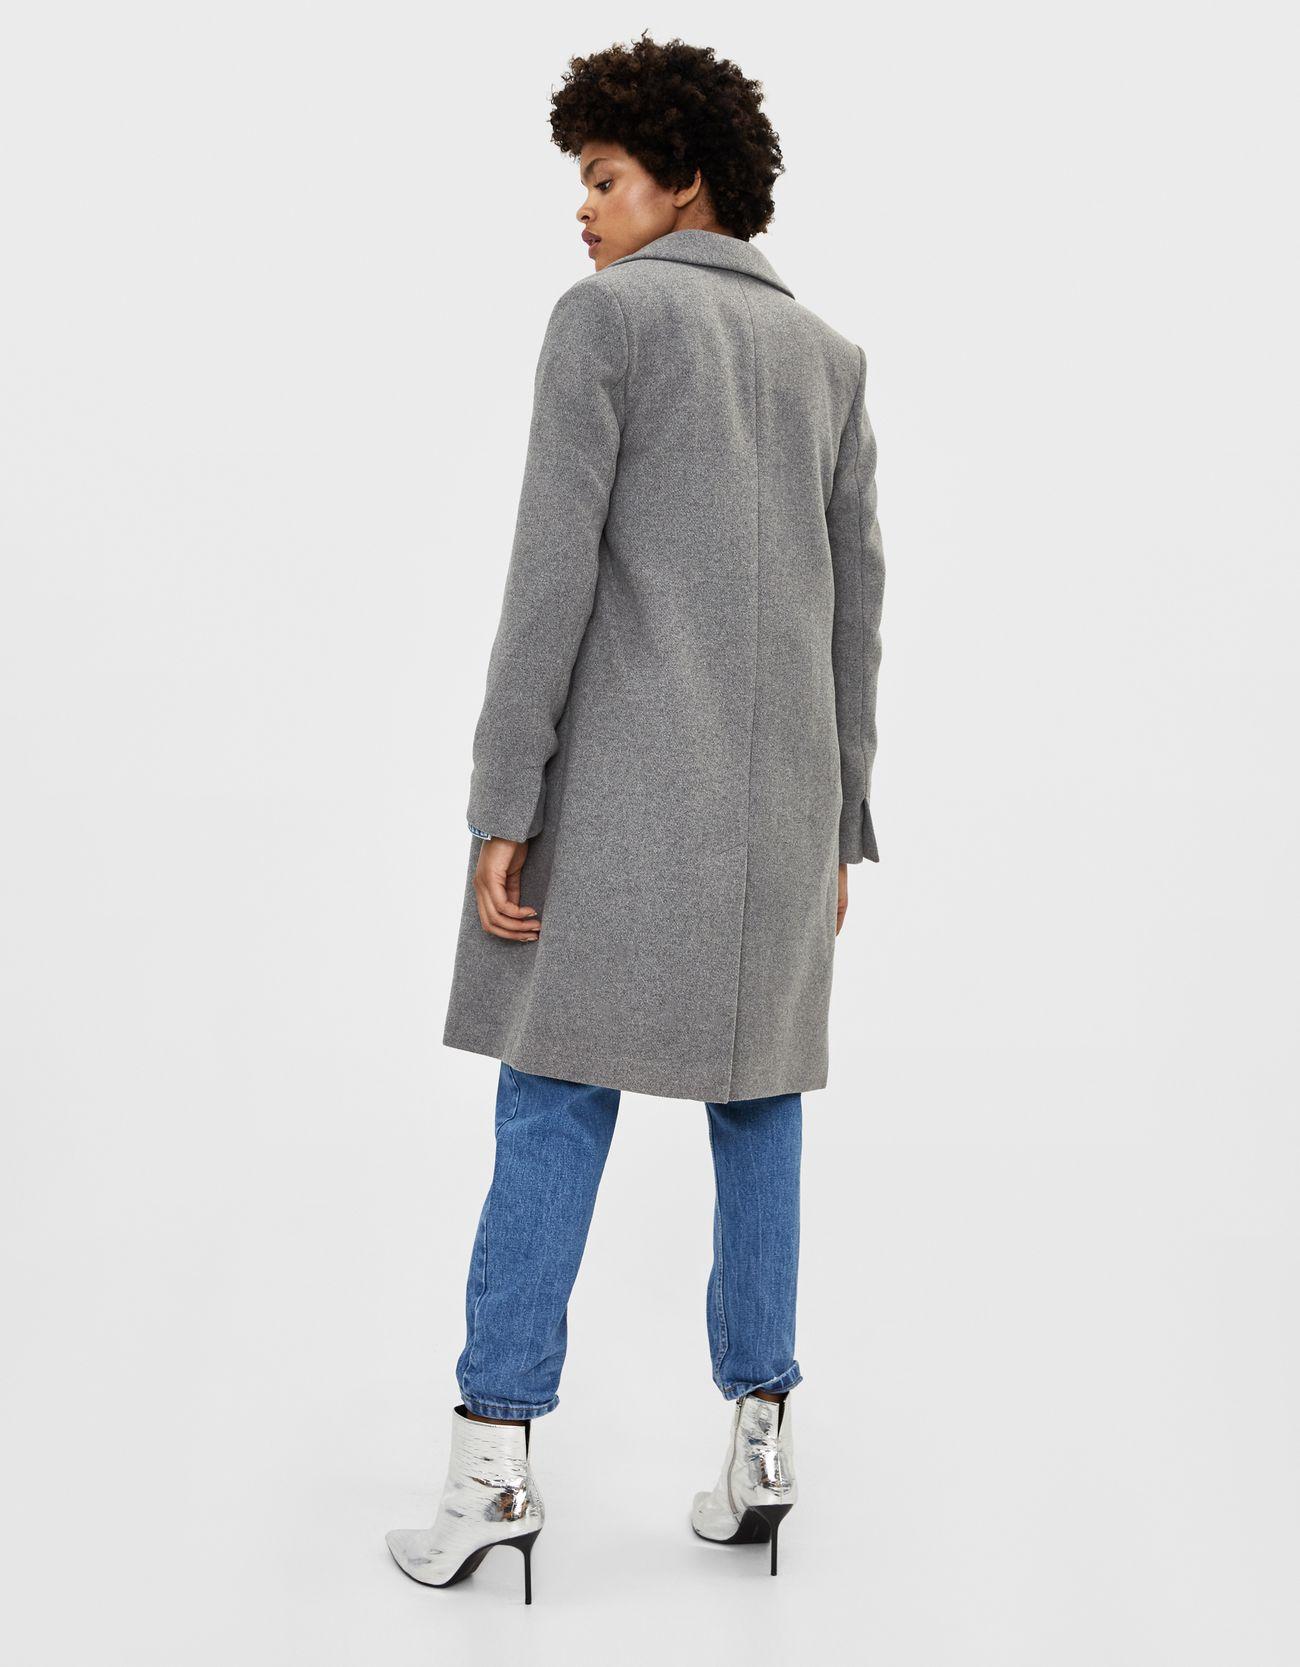 Шерстяное пальто СЕРЫЙ Bershka